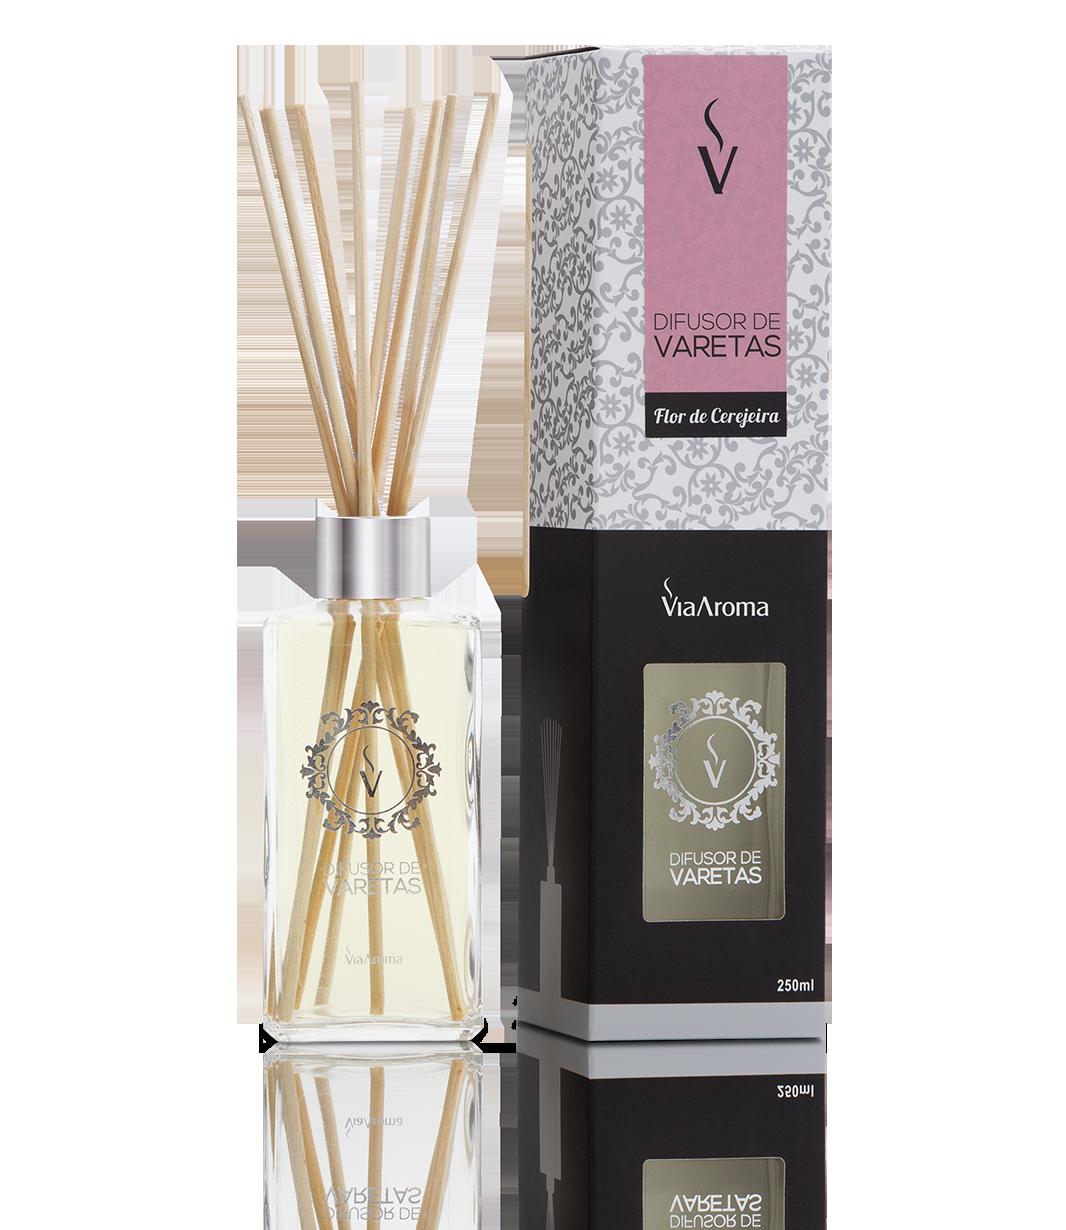 Difusor Ambiente Via Aroma Aromatizador Vareta Stick 250ml Flor de Cerejeira Angulo